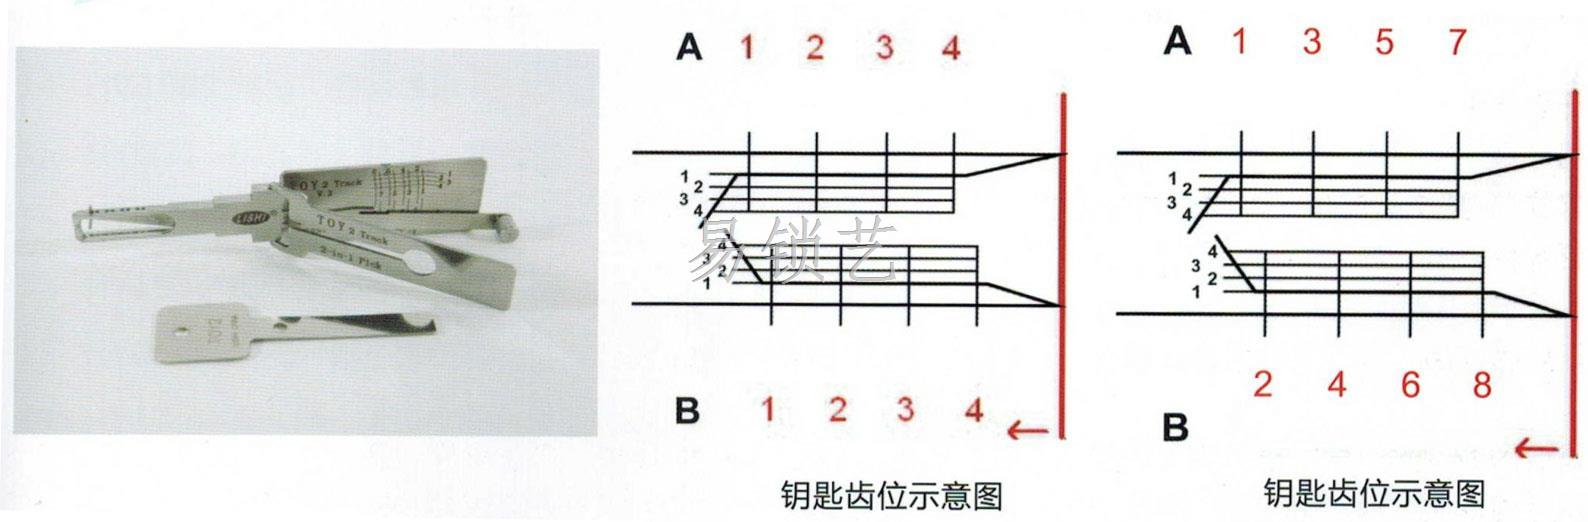 TOY2内铣二合一工具详解